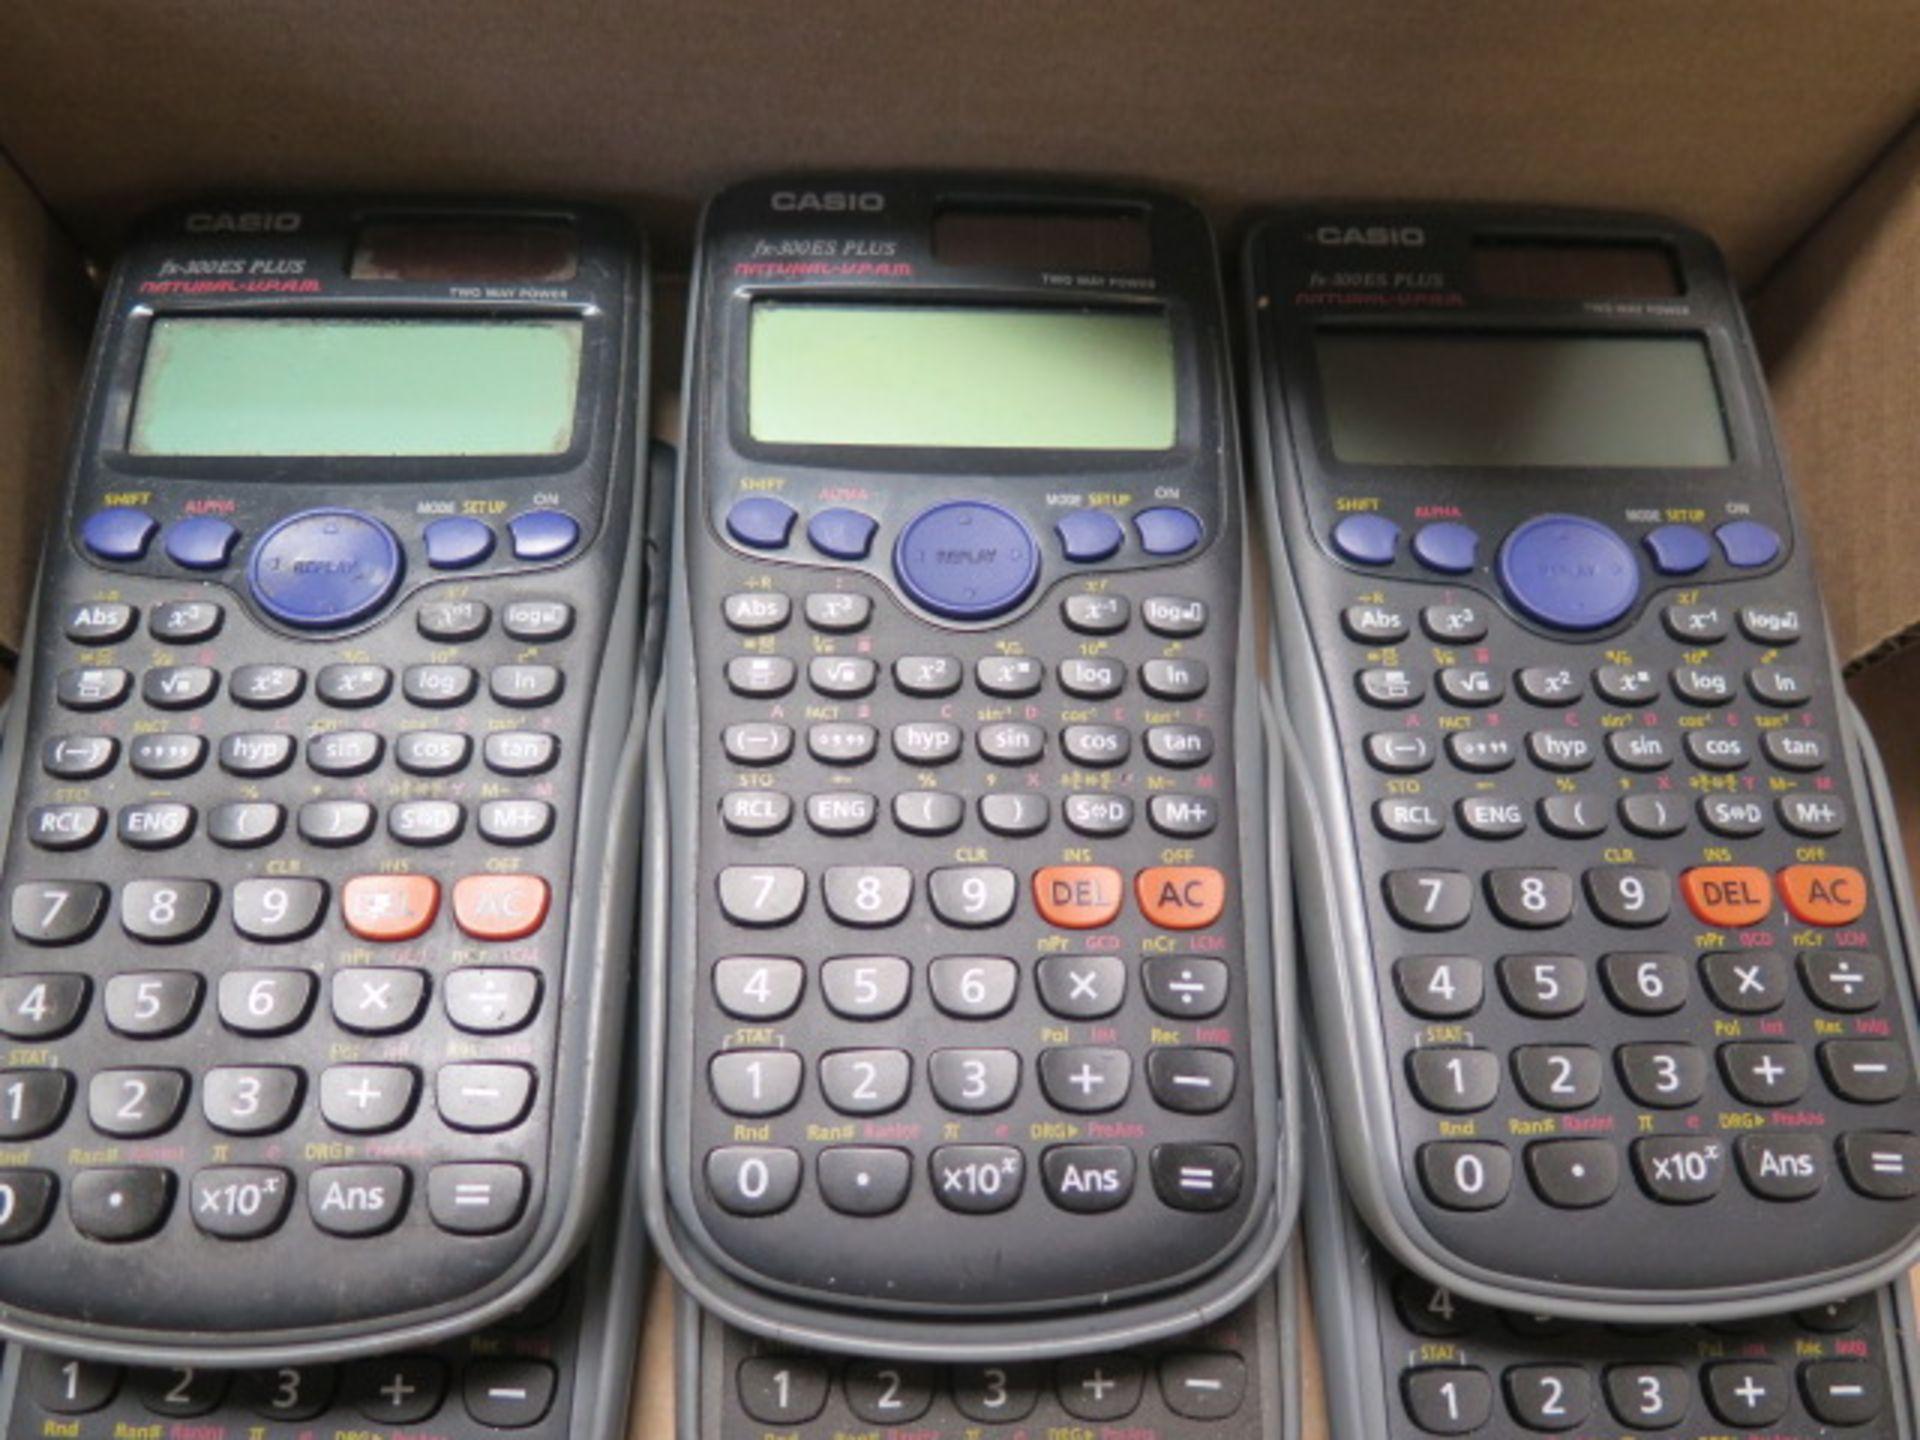 Calculators (SOLD AS-IS - NO WARRANTY) - Image 3 of 4